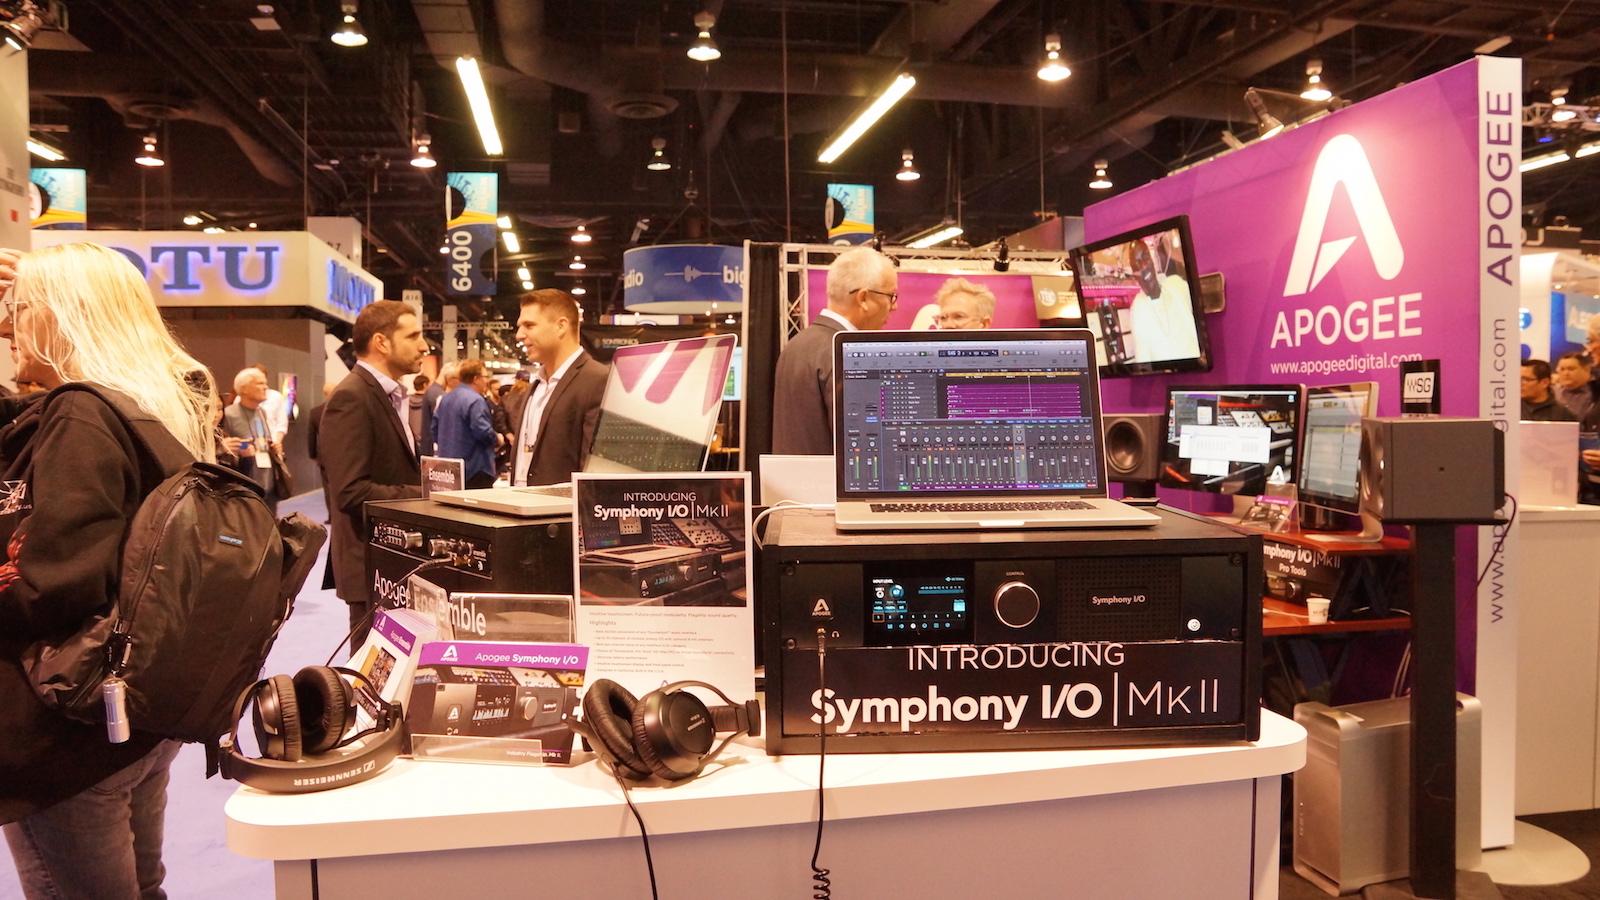 スタッフ OK | Apogeeブースでは情報が公開されたSymphony I/O MkIIからモバイル製品まで展示  NAMM2016のApogeeブースは、Symphony I/O MkIIと、Thunderbolt搭載で先行するEnsembleを中心に、モバイル関連製品まで展開していました。